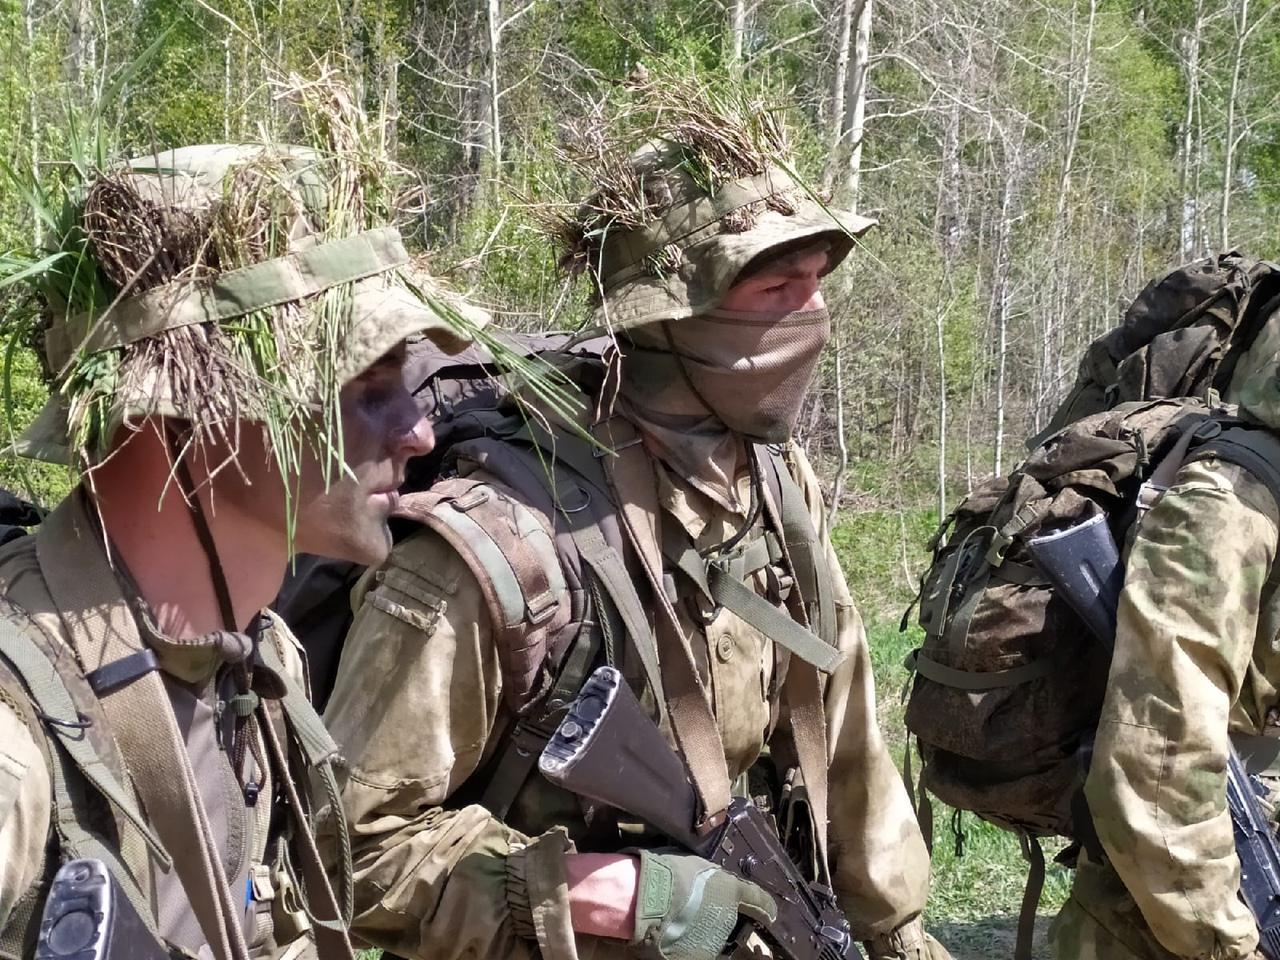 Фото Соревнования военных разведчиков со всей России проходят в Новосибирске: 12 впечатляющих фото с полигона Кольцово 2